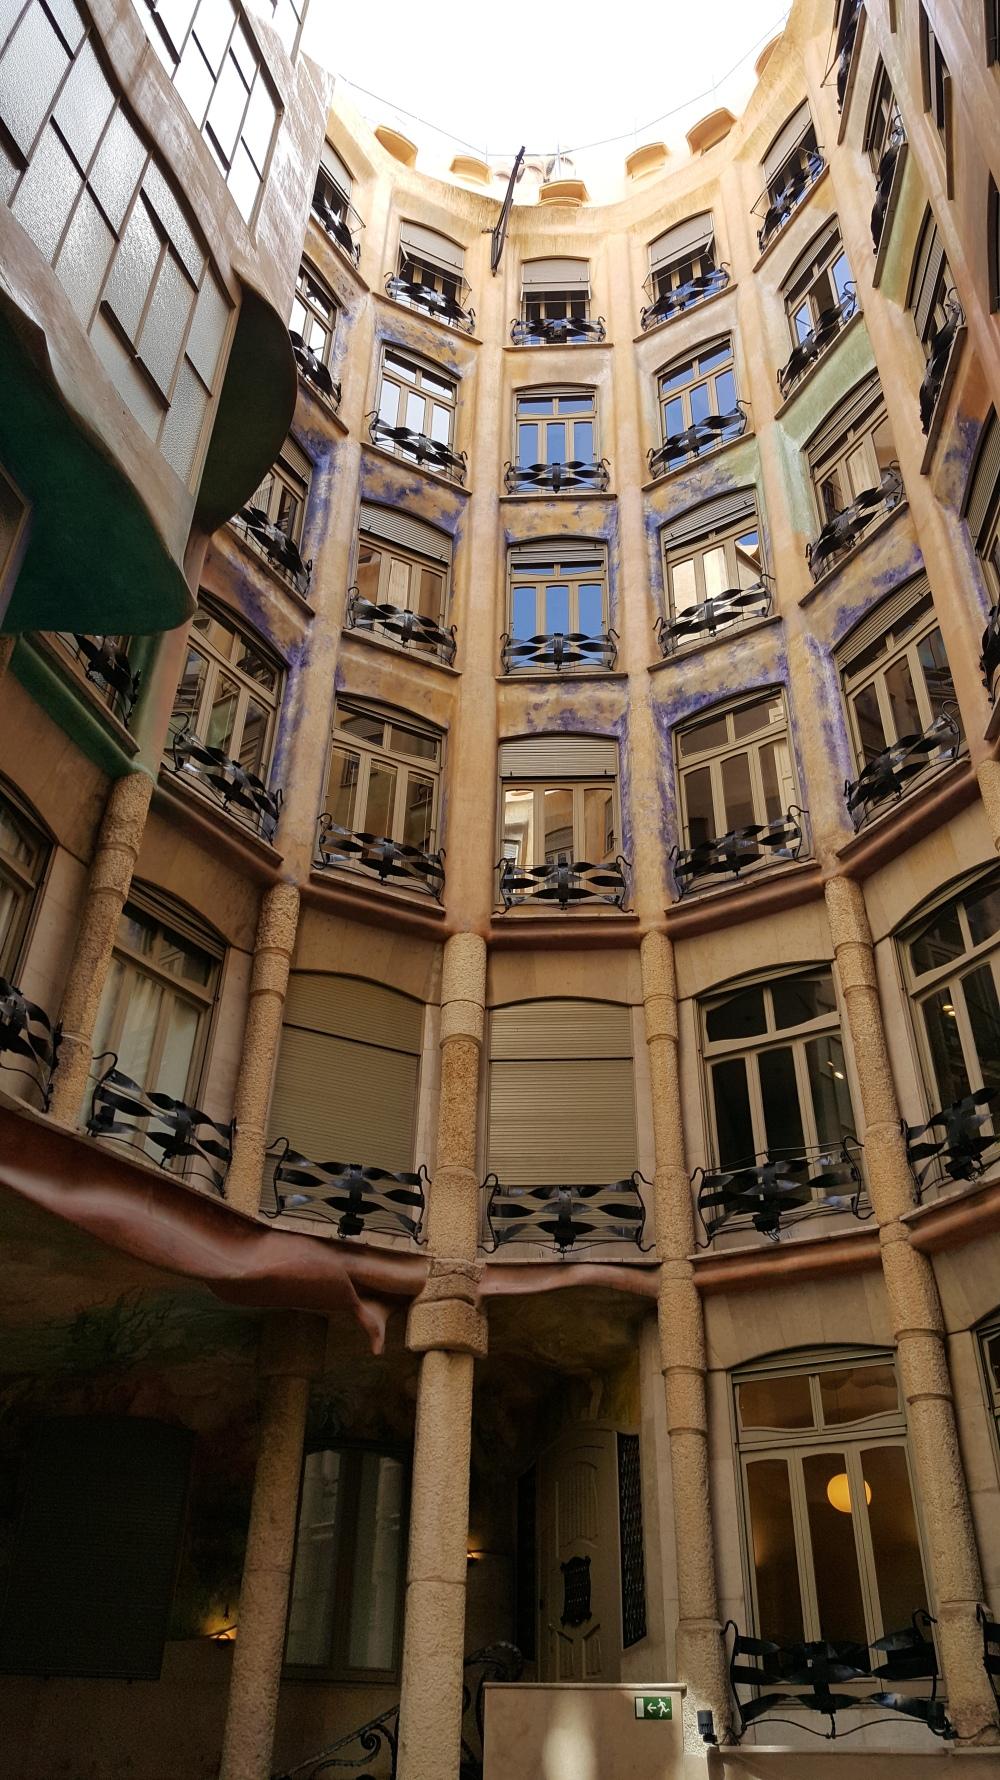 Casa Mila cortile Gaudi Barcellona